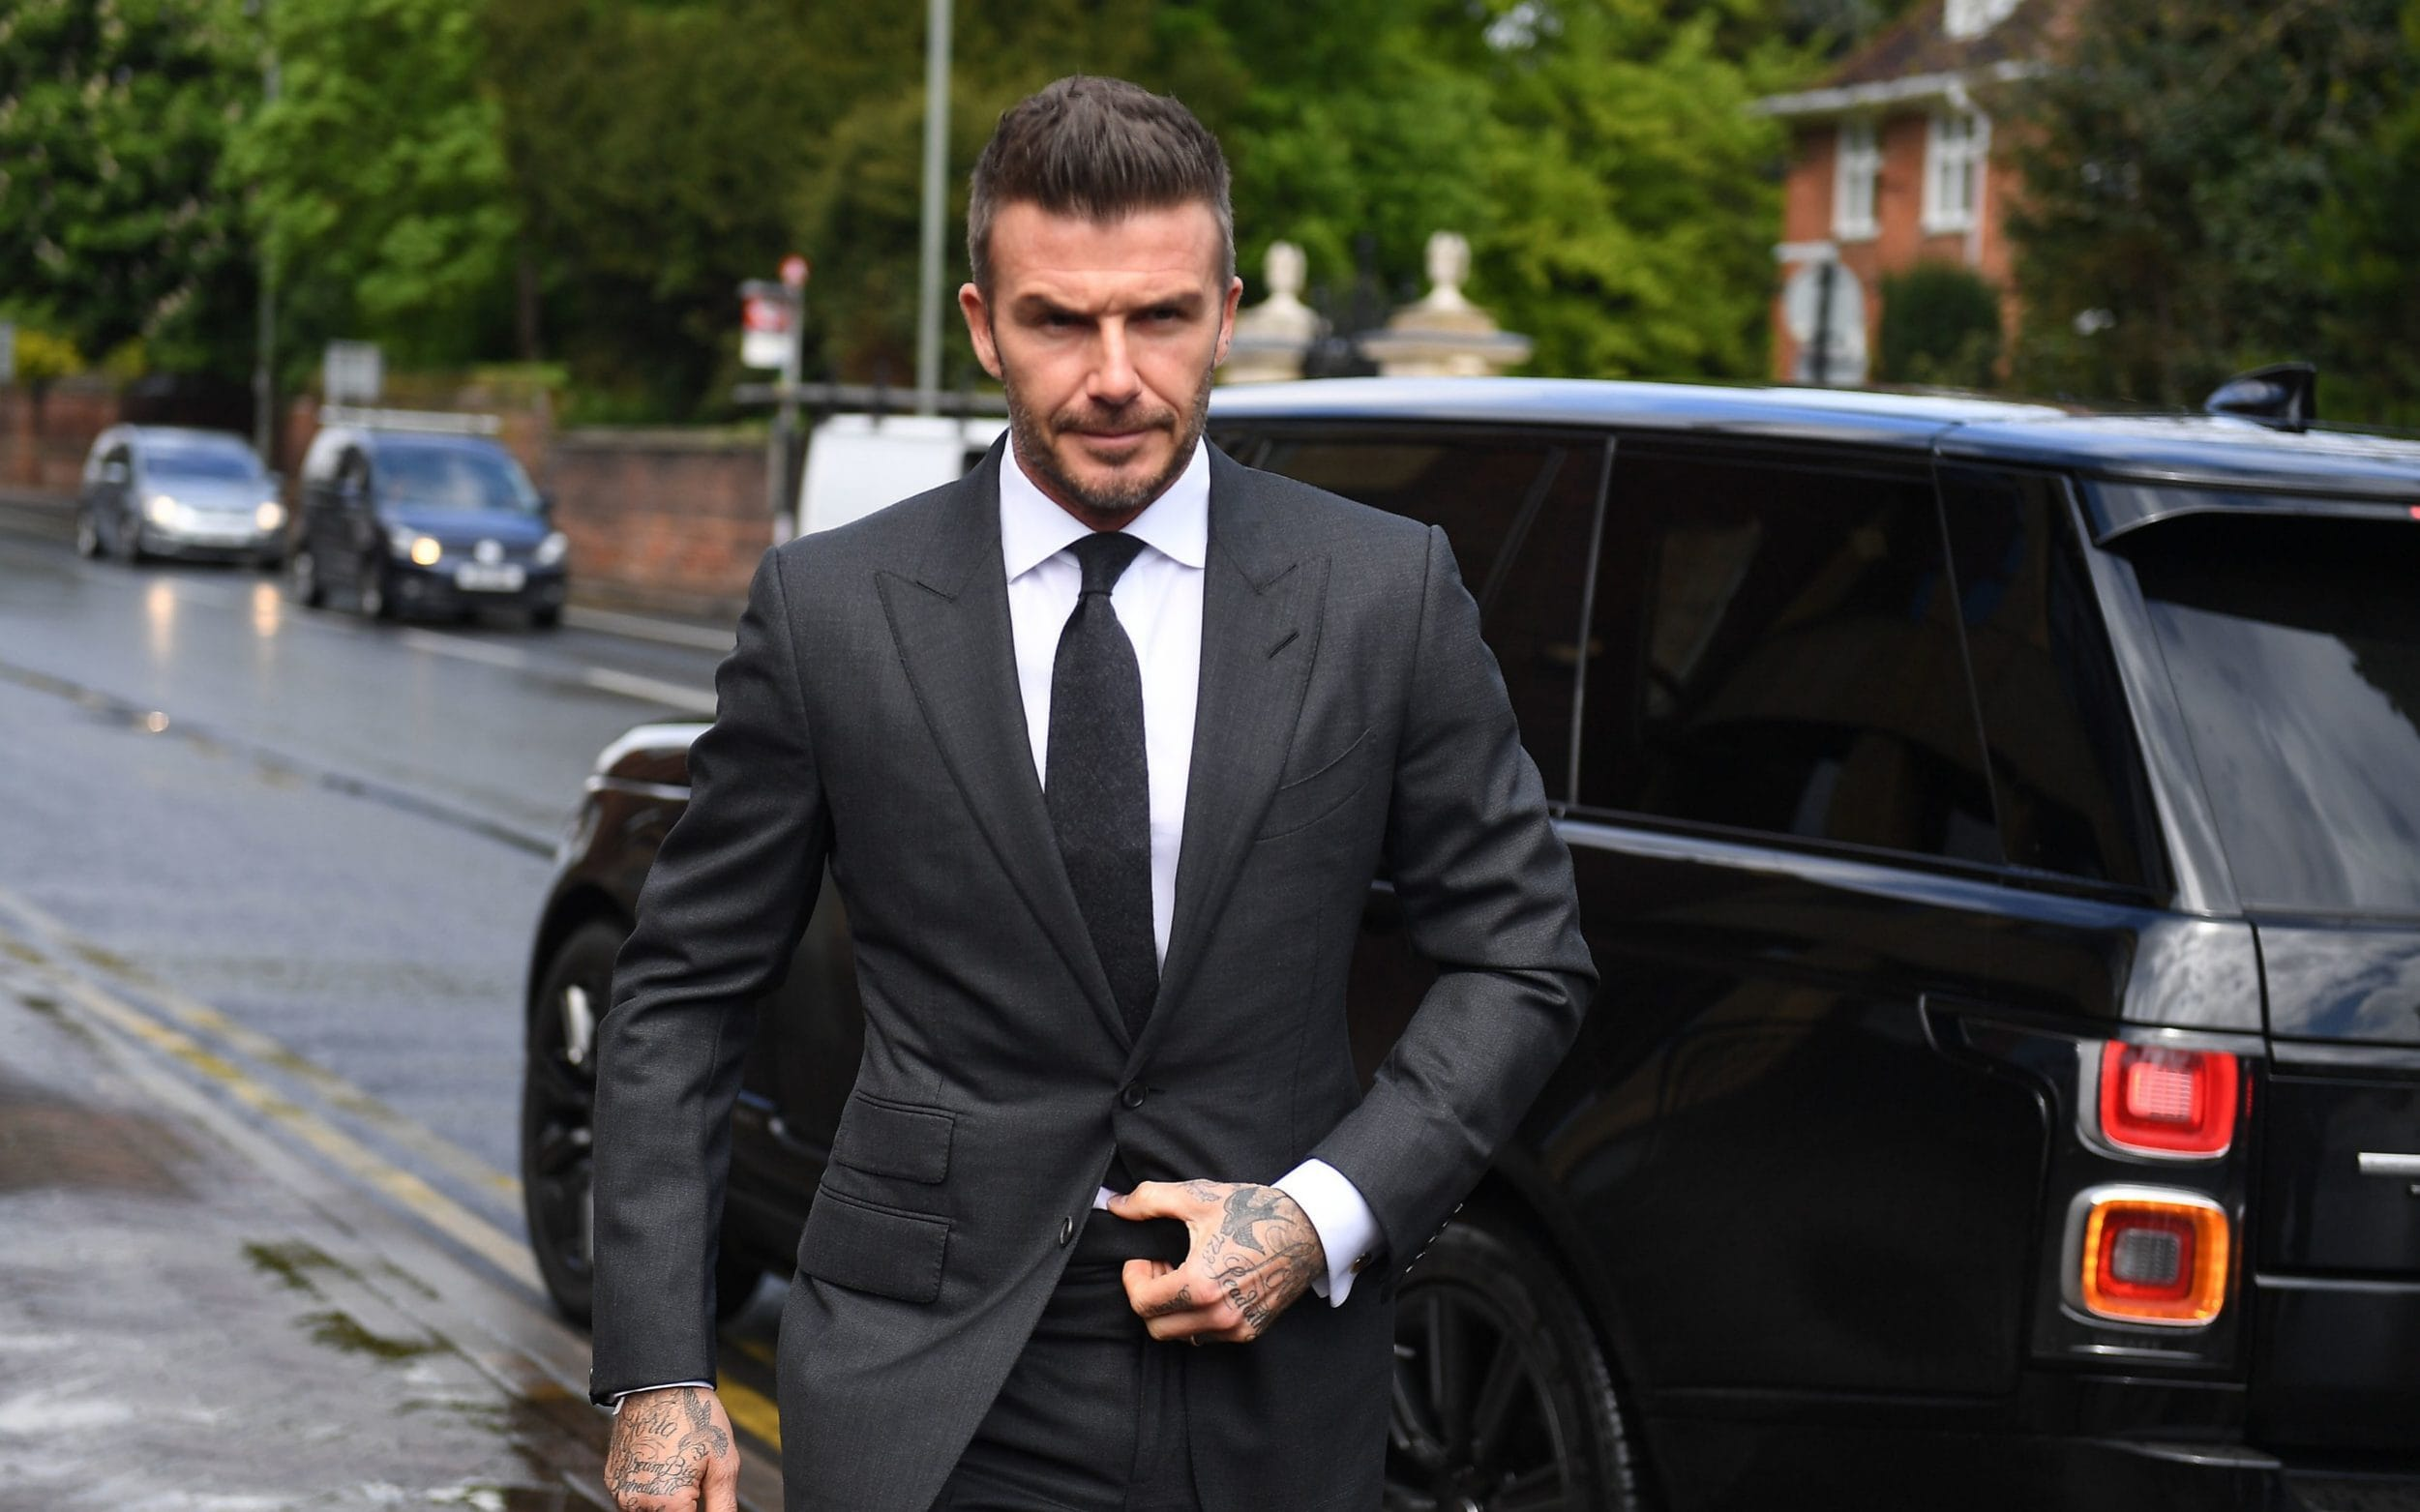 David Beckham bị cấm lái xe 6 tháng vì dùng điện thoại di động